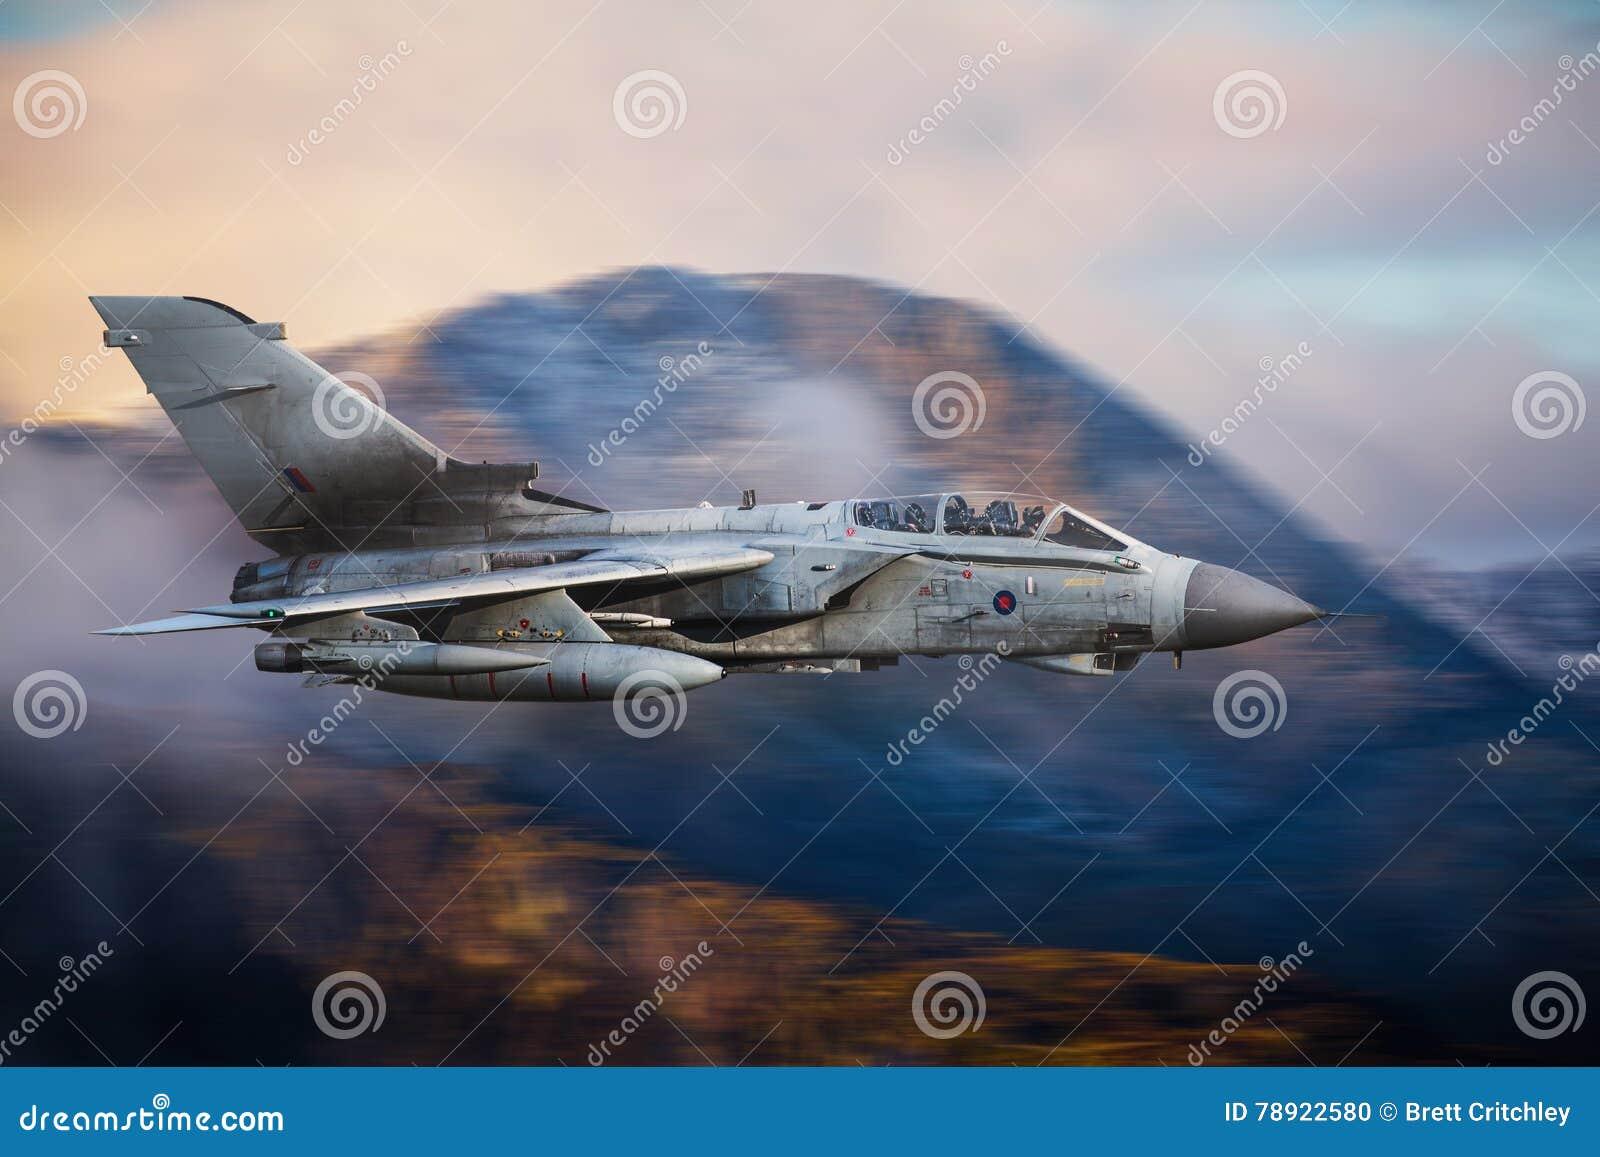 Combat aircraft Tornado